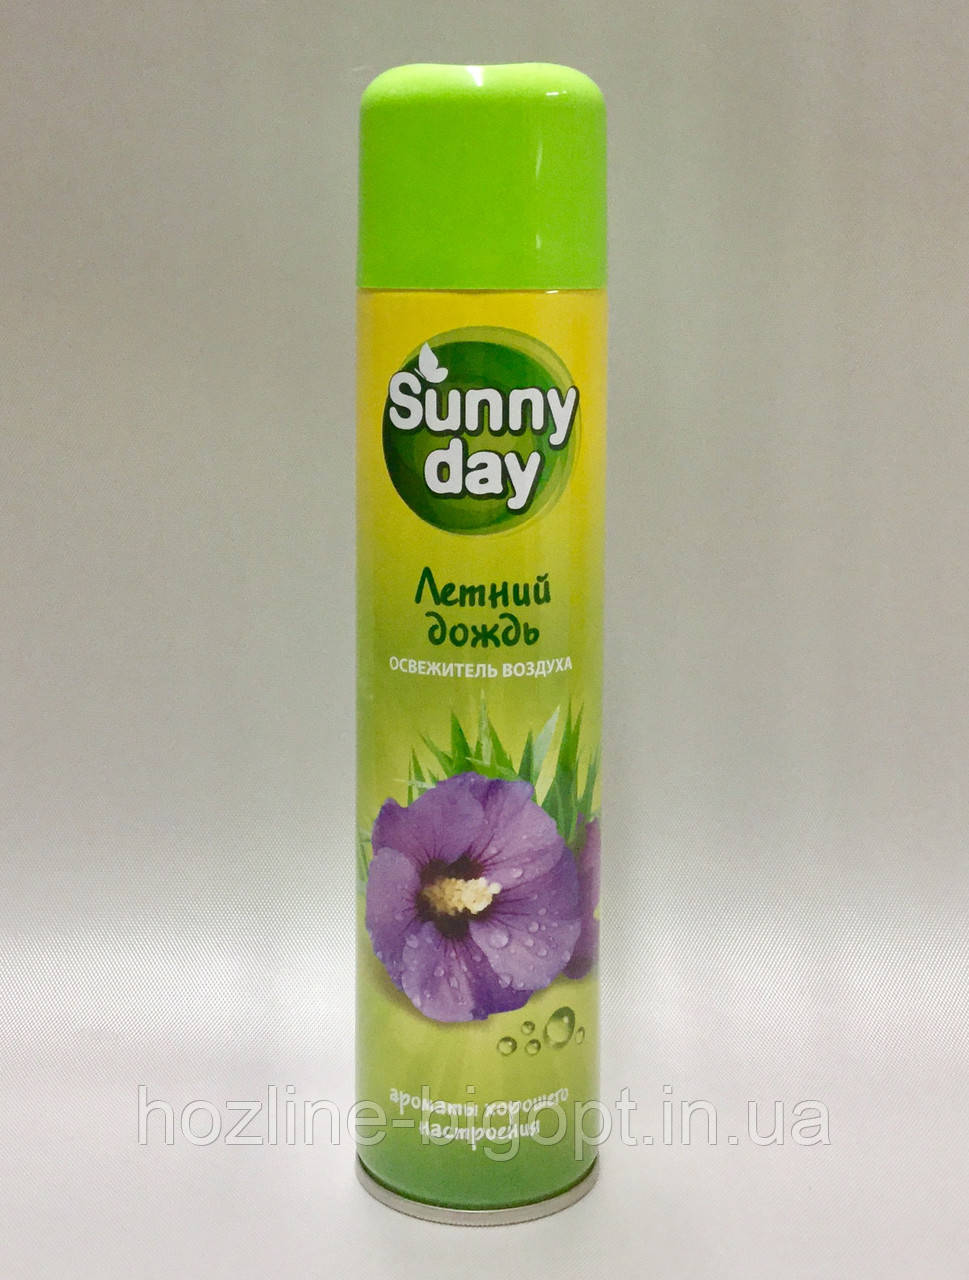 Sunny Day Освежитель воздуха  ЛЕТНИЙ ДОЖДЬ